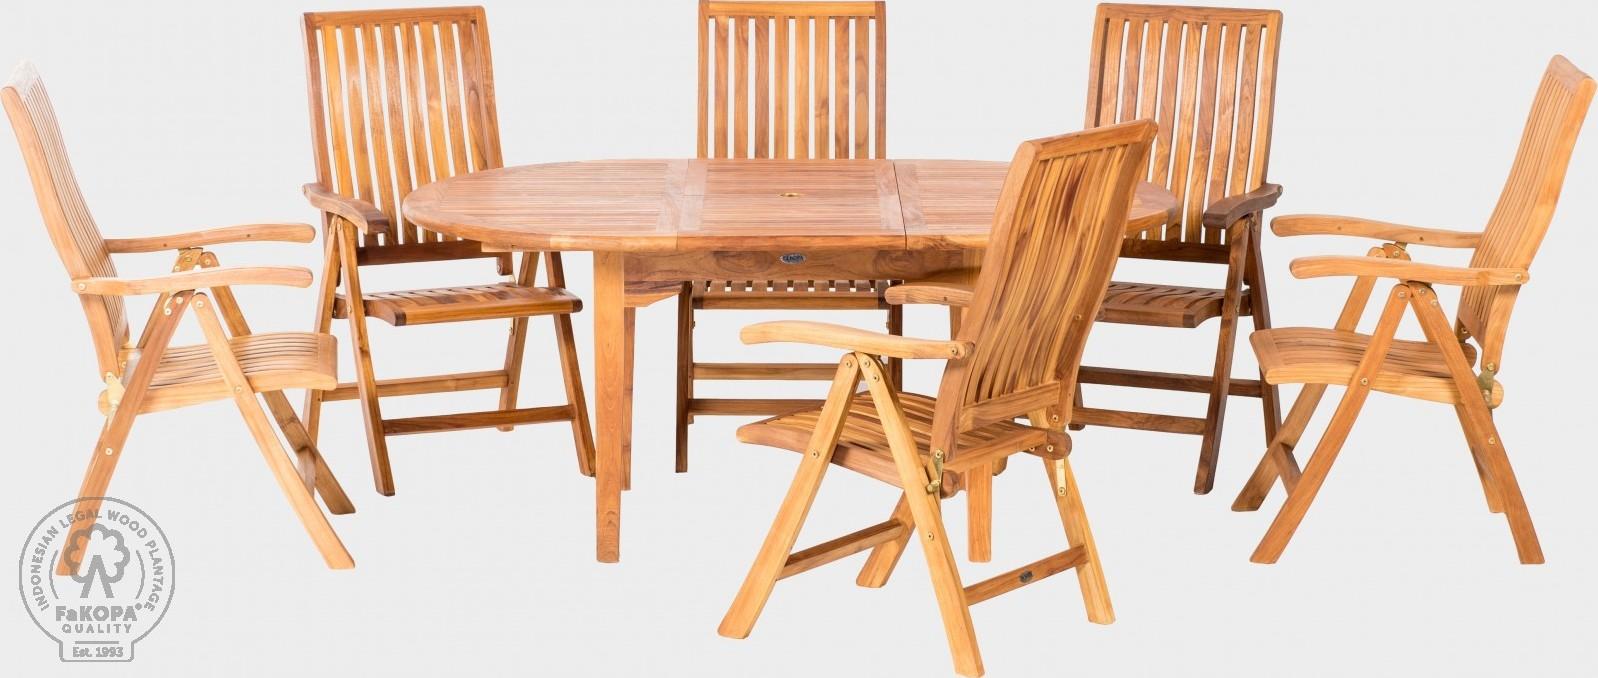 FaKOPA Venkovní sezení 6x skládací židle stůl Anfisa